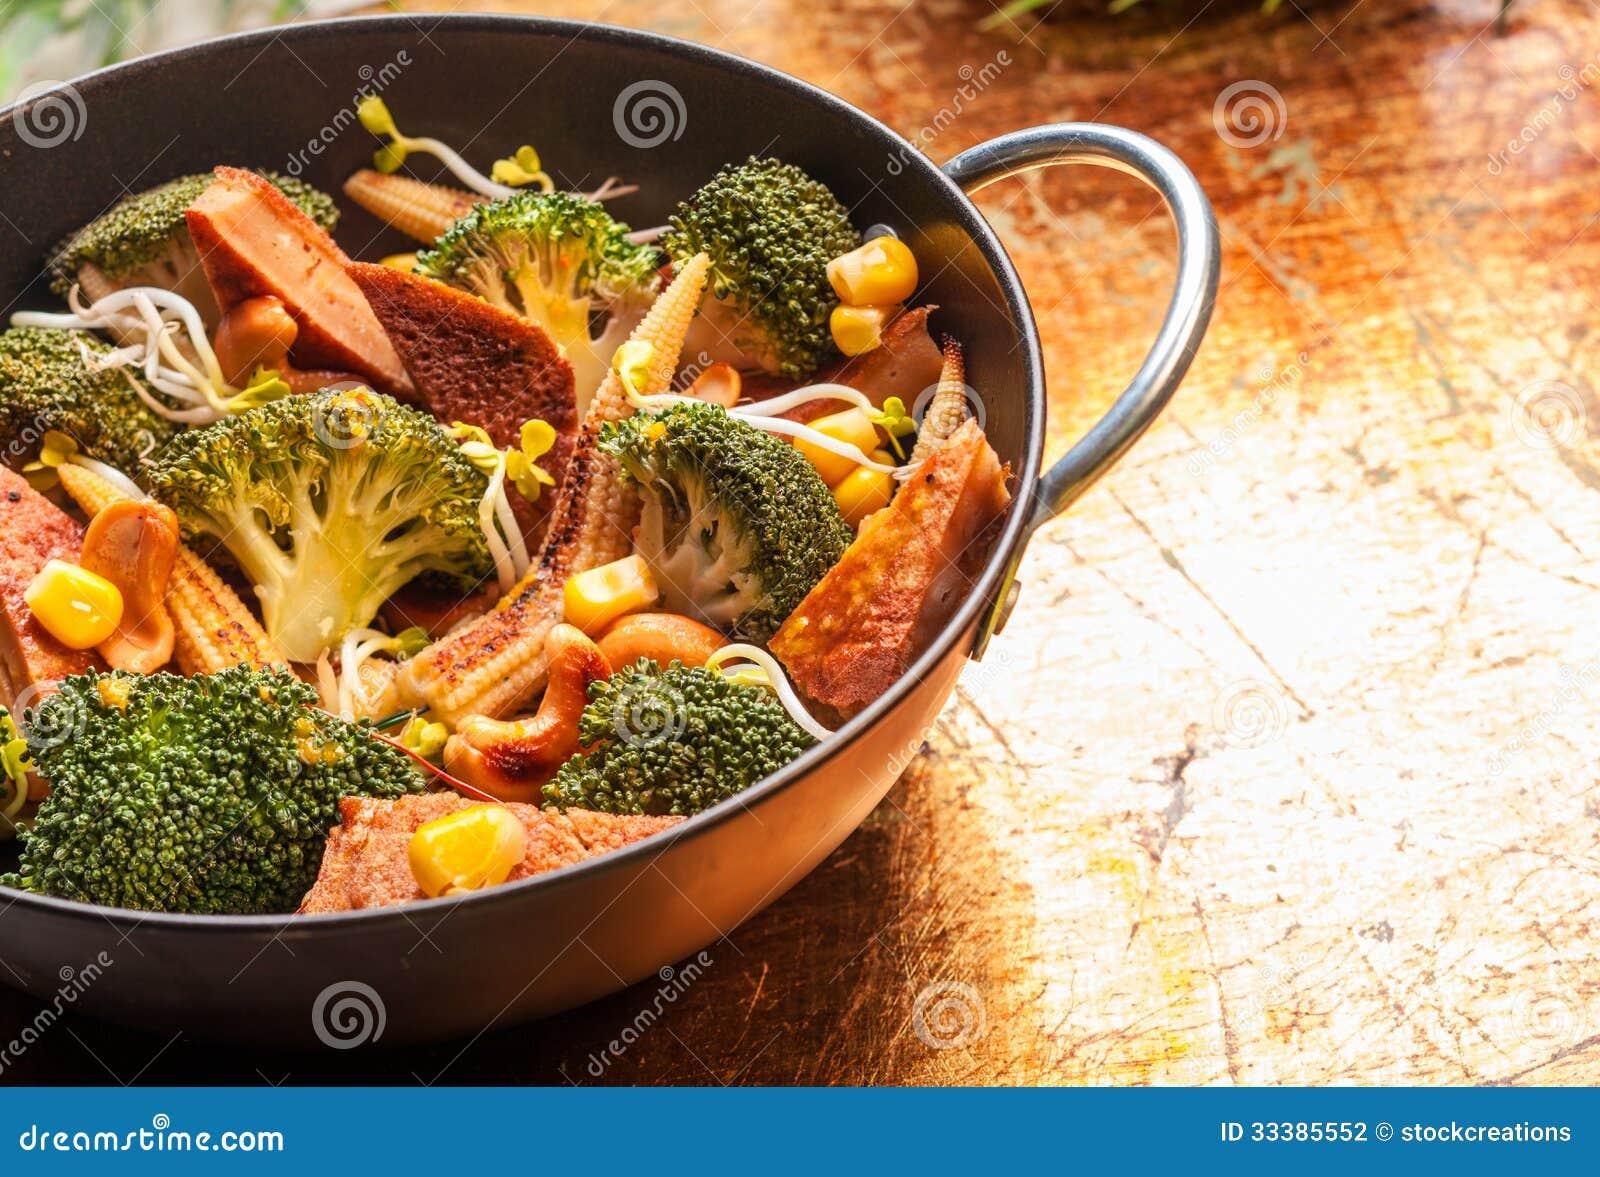 cuisine asiatique avec les l gumes saisonniers dans un wok photographie stock image 33385552. Black Bedroom Furniture Sets. Home Design Ideas